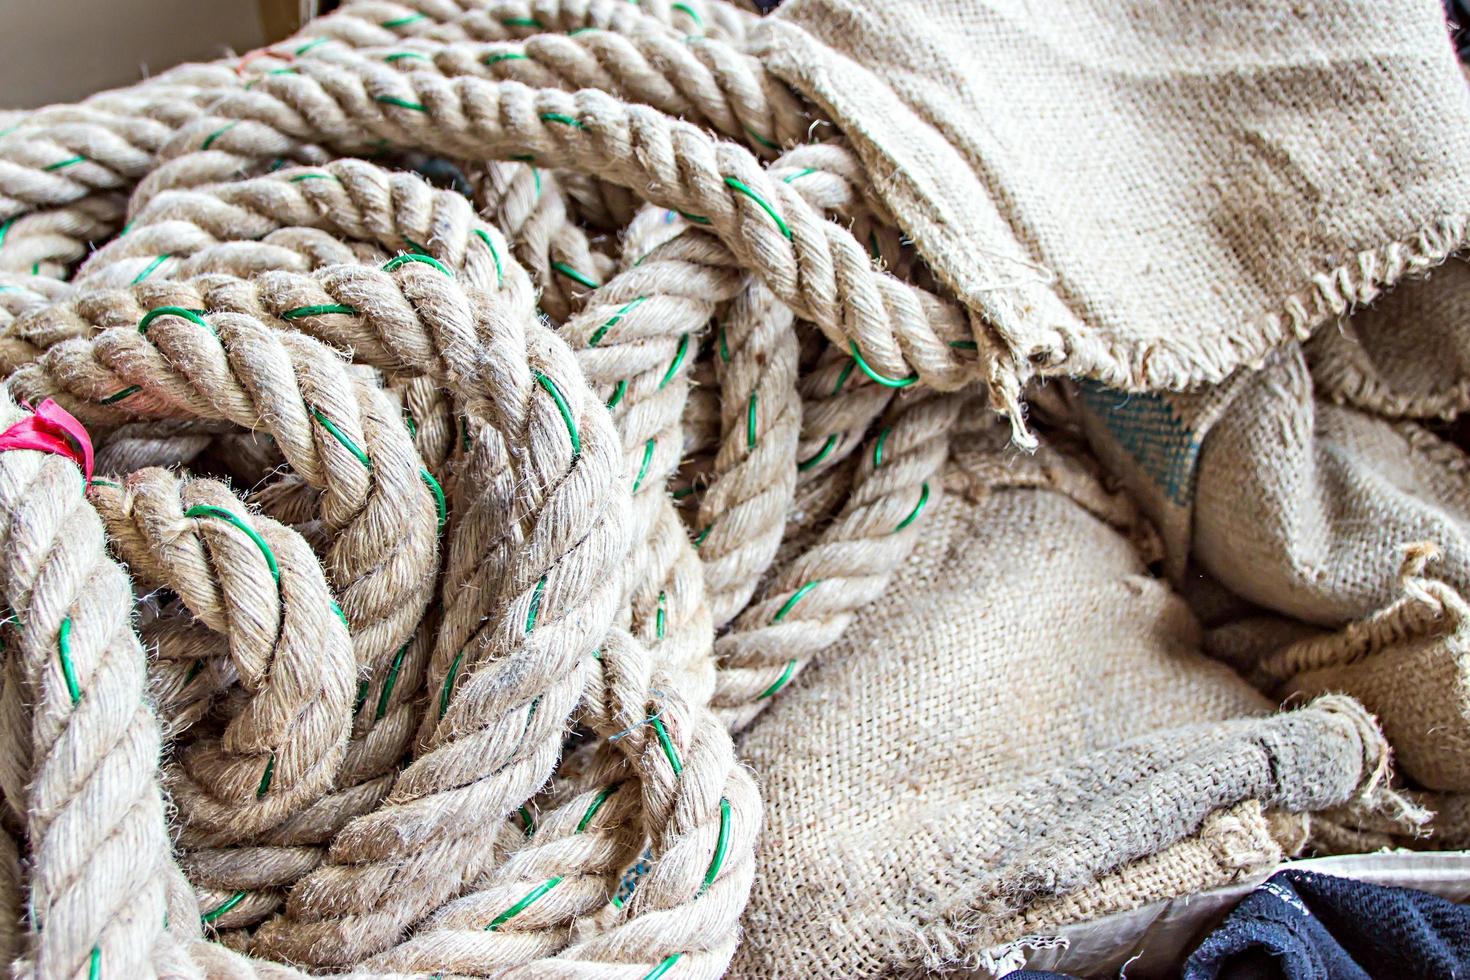 corda posizionata in modo disordinato con trama di sfondo foto